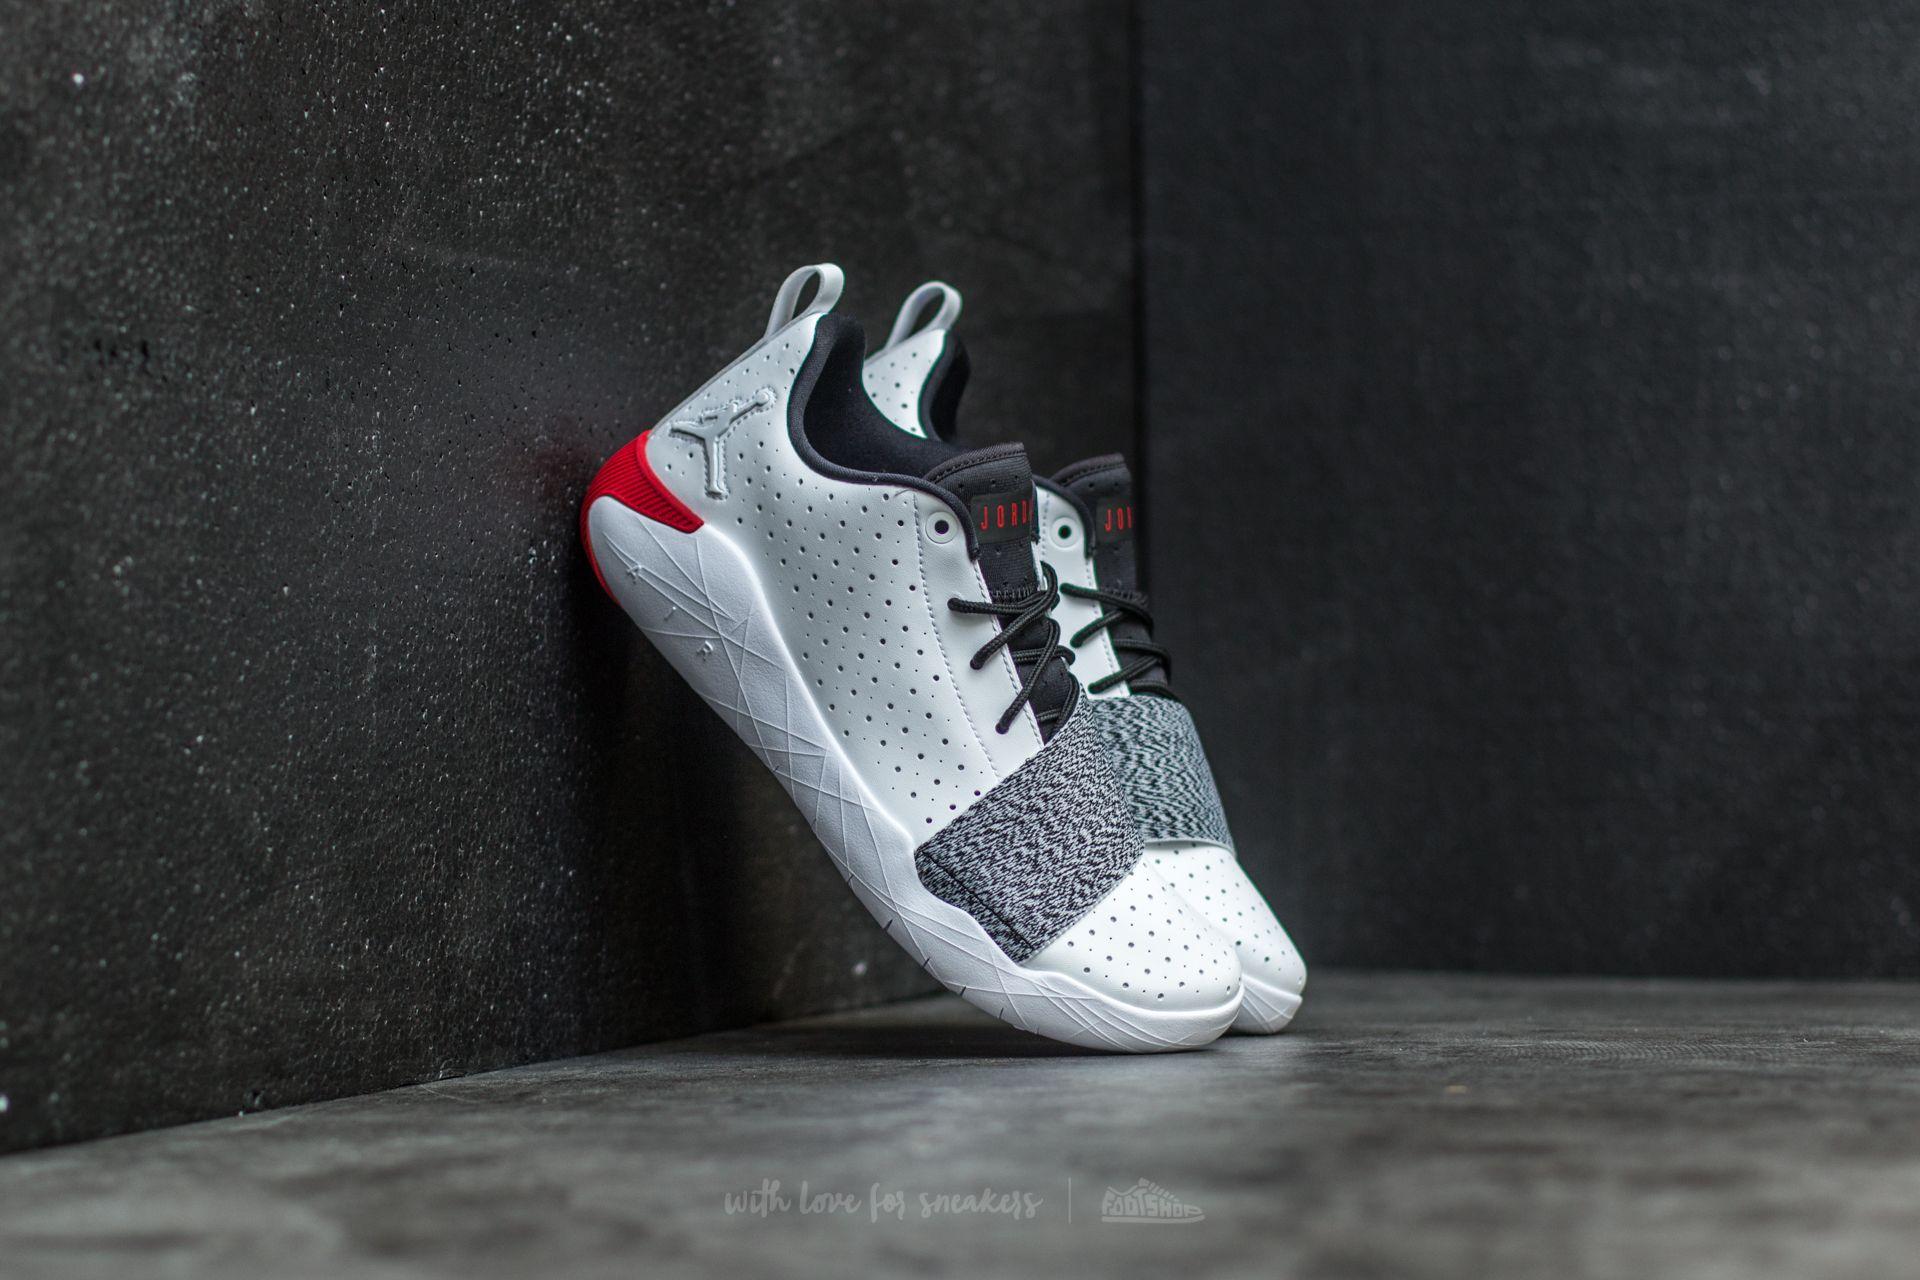 64e8a5072ab9 Jordan 23 Breakout White  White-Gym Red-Black